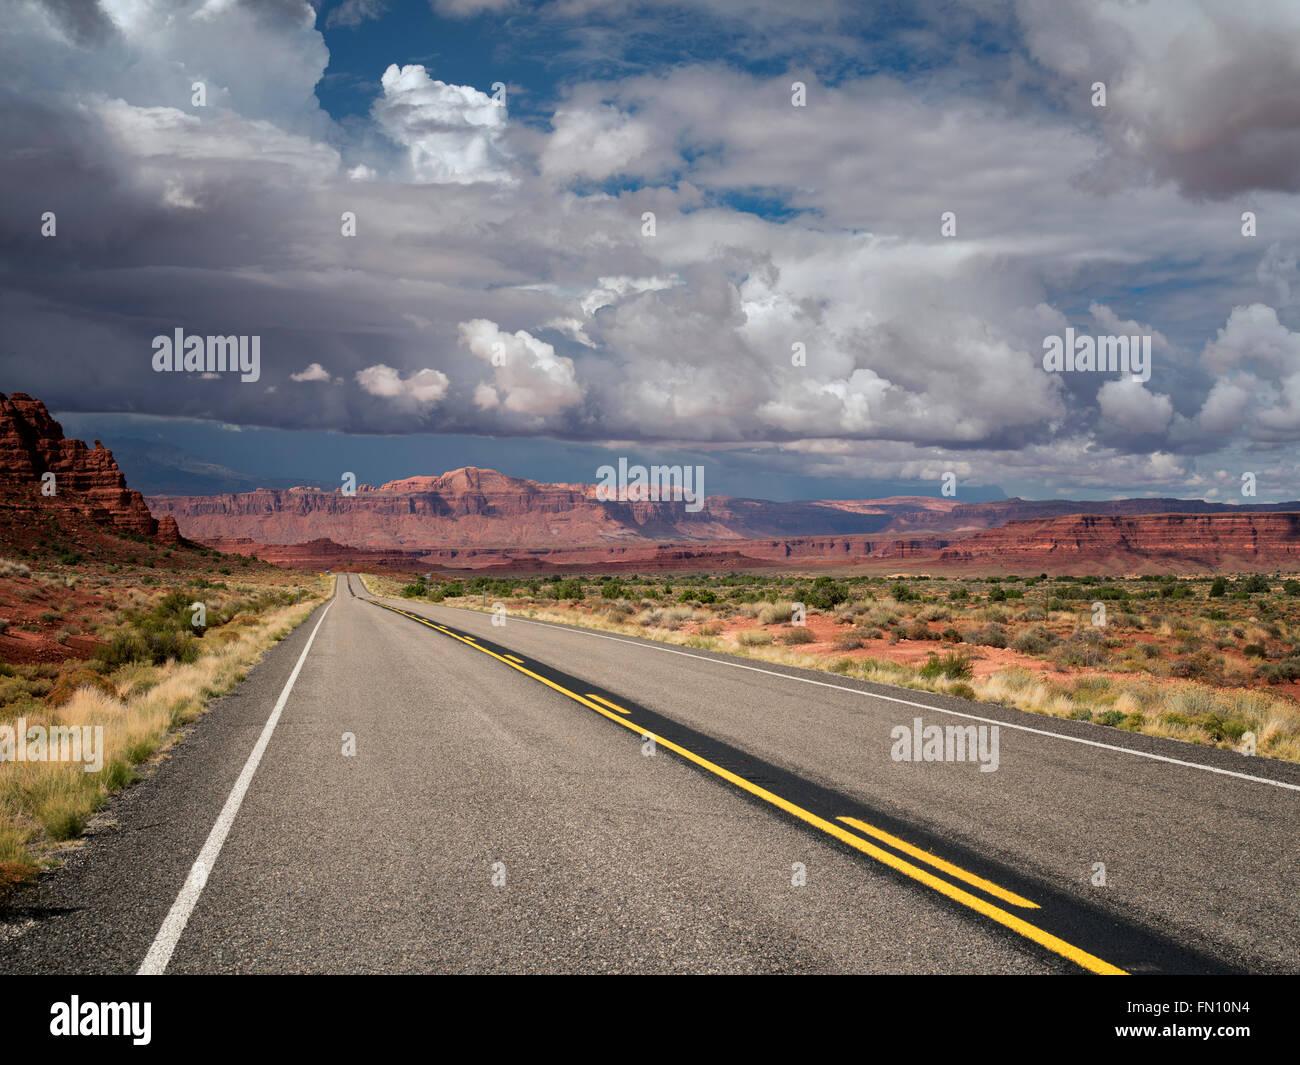 La route et les montagnes avec les nuages de tempête. Scenic Byway Hwy 95, Glen Canyon National Recreation Photo Stock